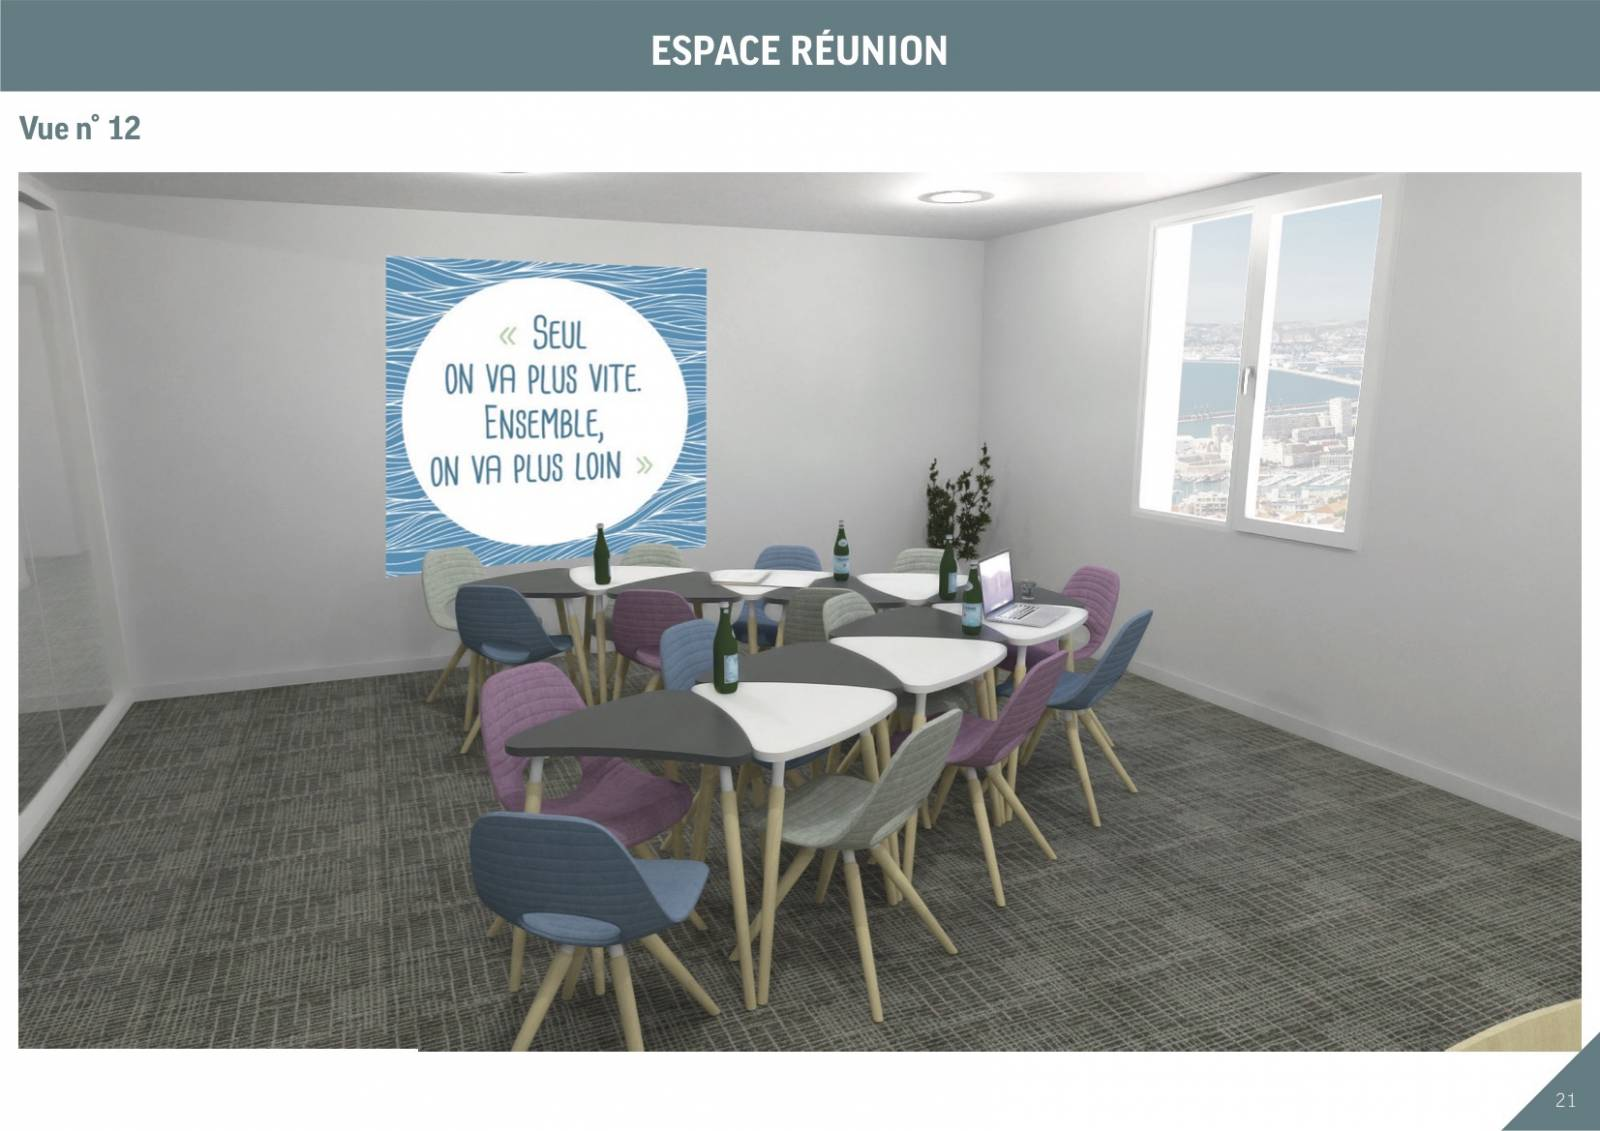 Aménagement d'une salle de réunion que Marseille